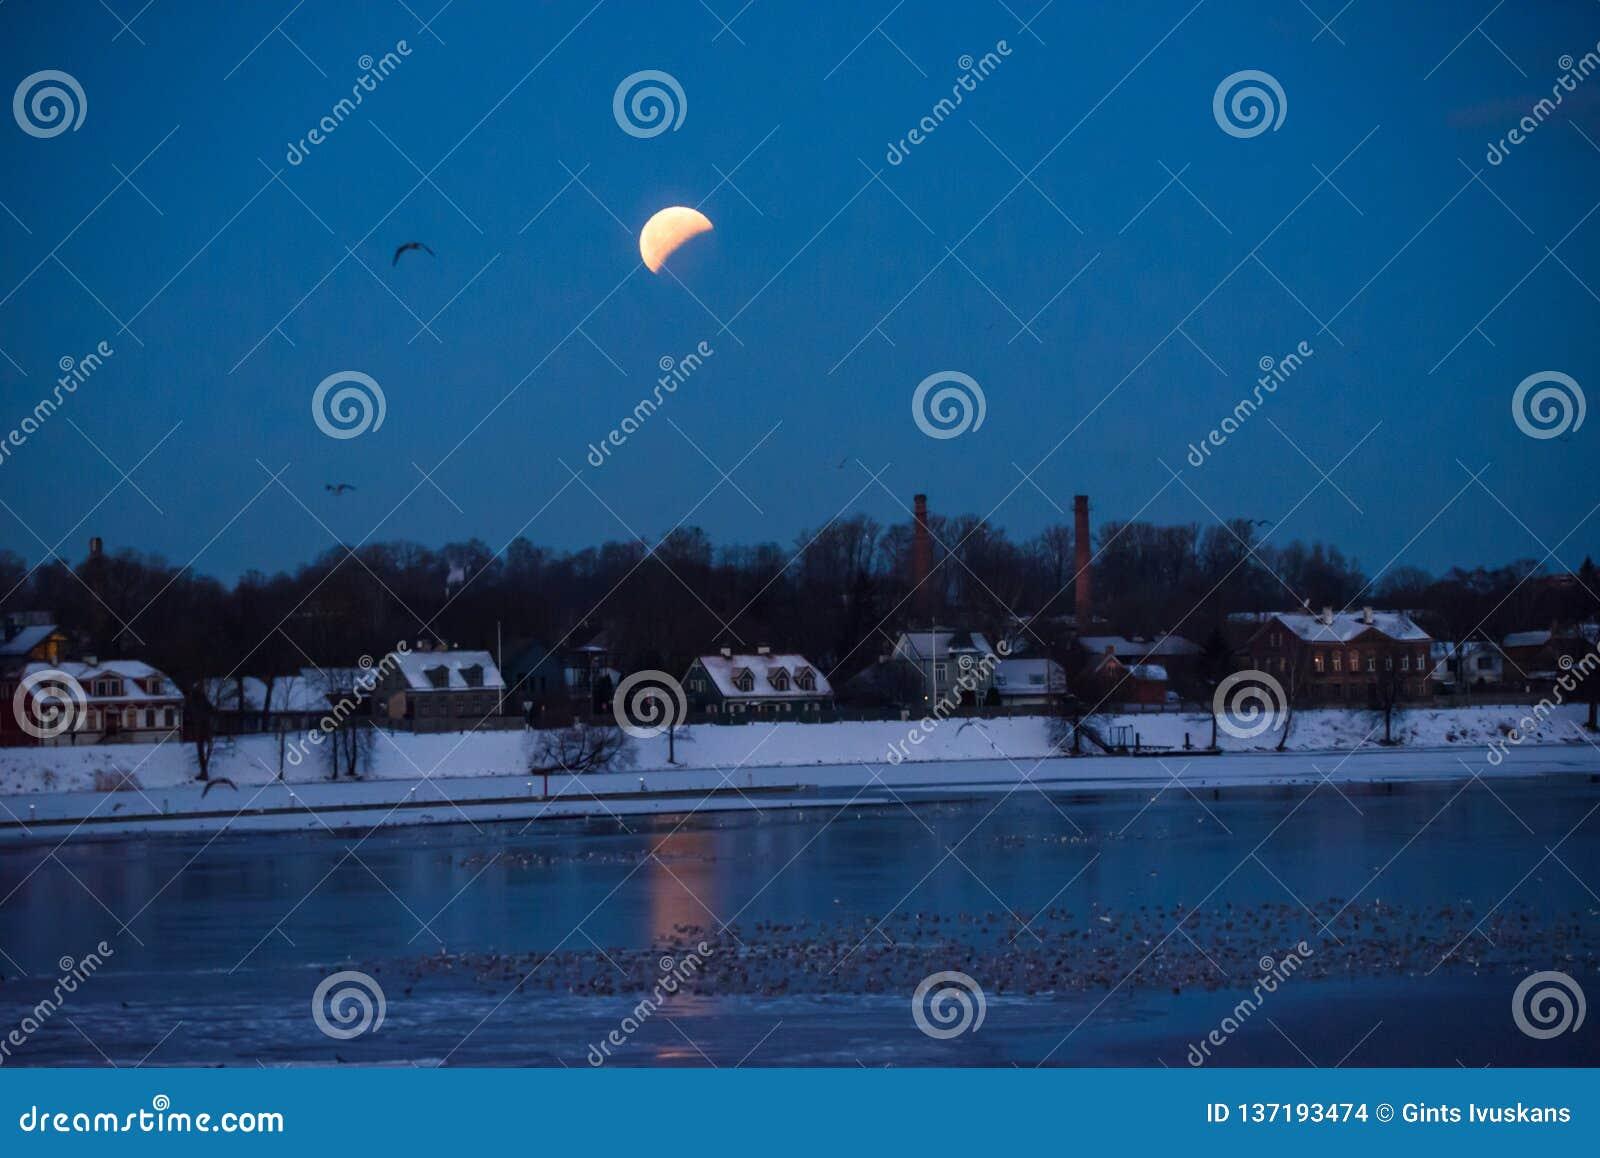 Gedeeltelijke verduistering van maan na volledige verduistering van maan